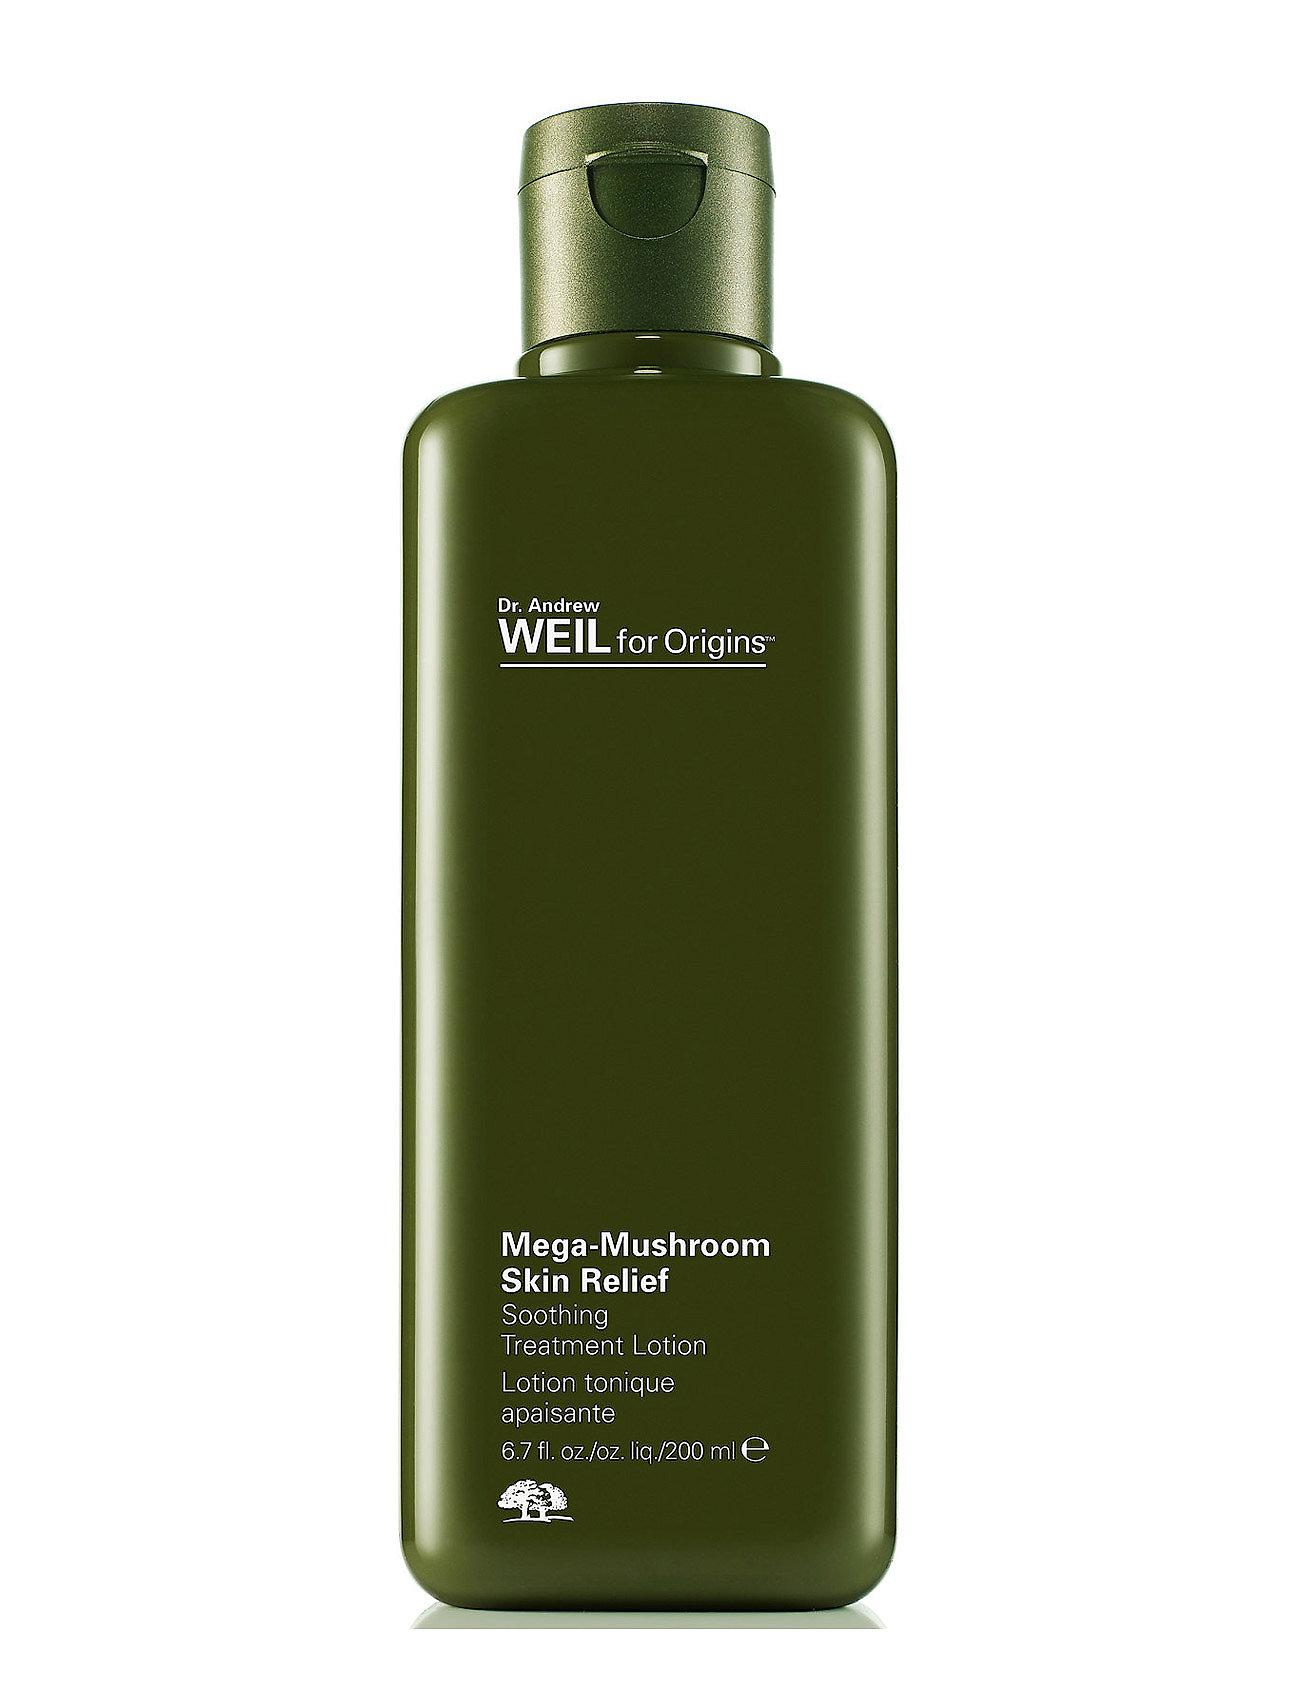 Dr. weil mega-mushroom skin relief soothing treatment lotion fra origins på boozt.com dk